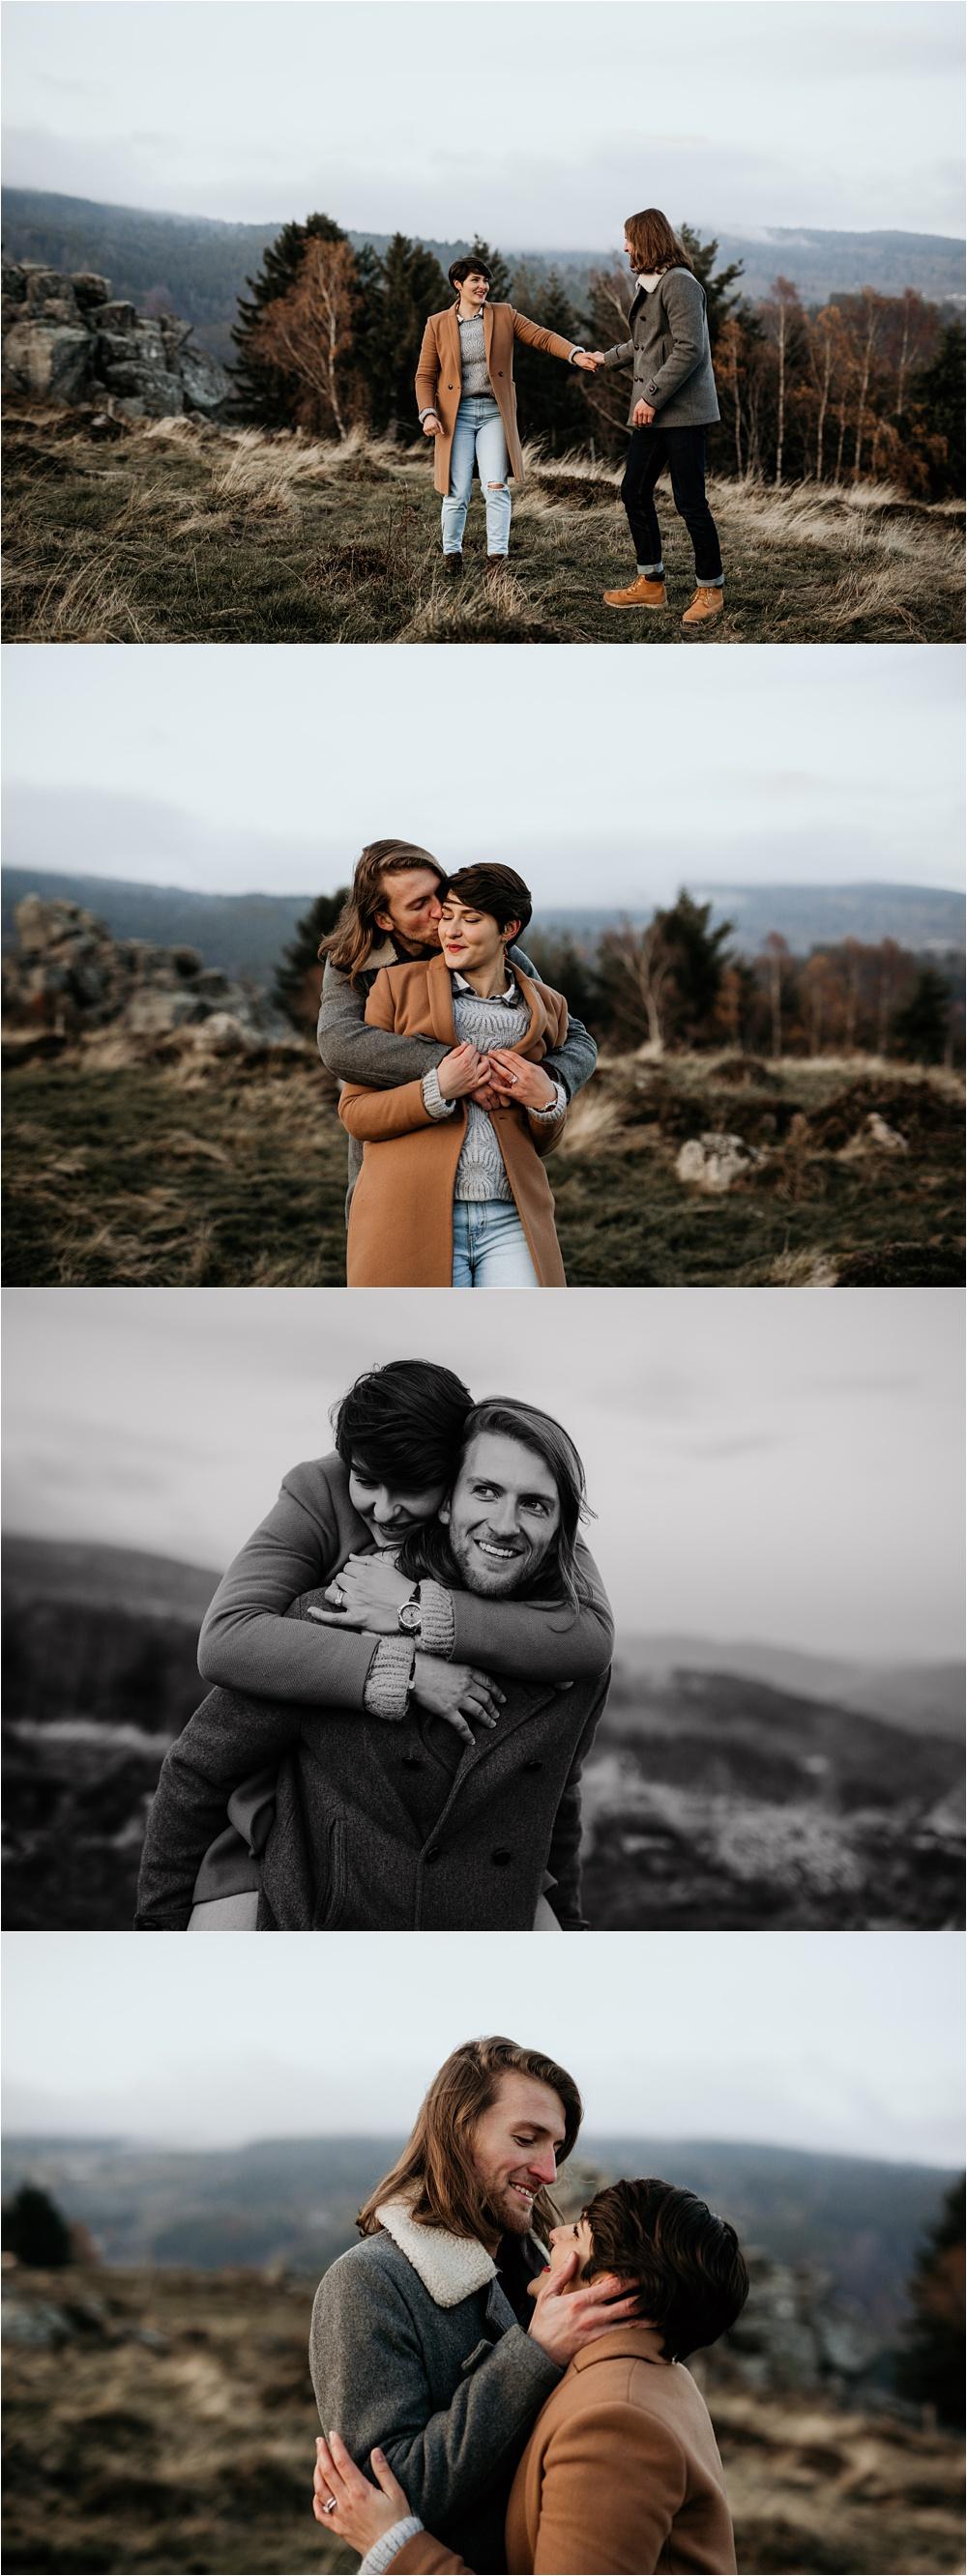 Séance-engagement-photographe-mariage-alsace-boho-nature-Fanny-Auer